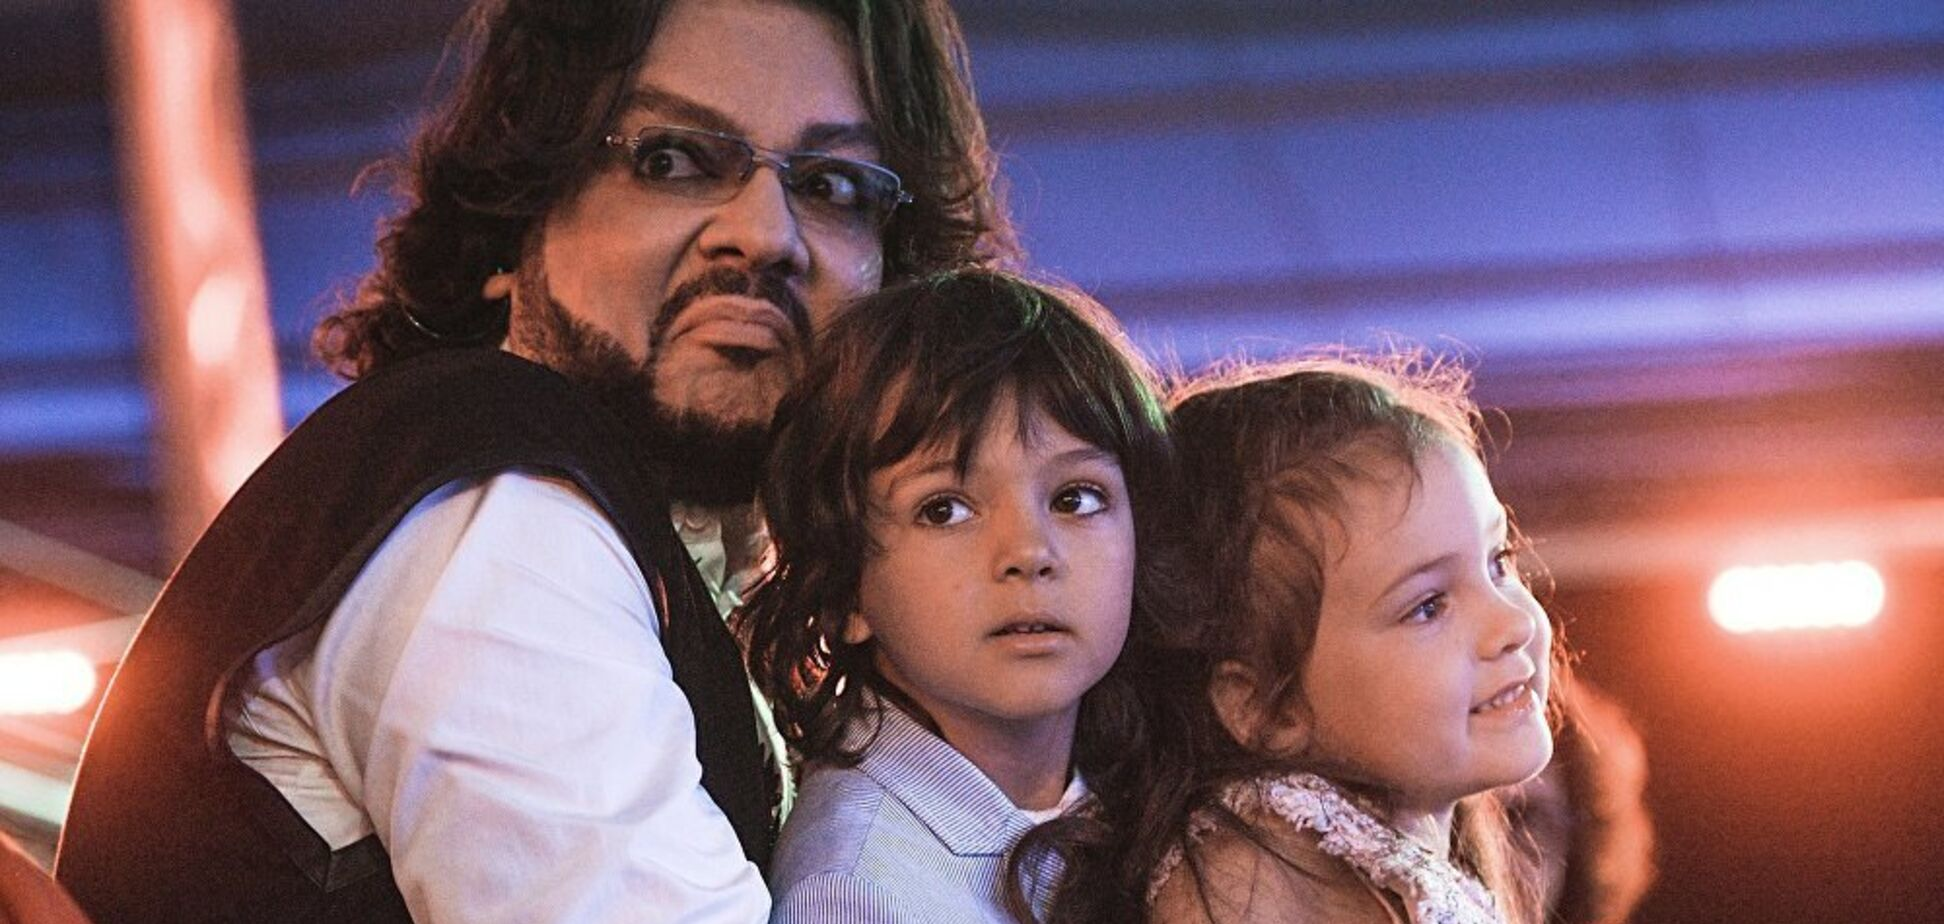 Киркоров взял своих детей на вечеринку с полуголыми танцовщицами